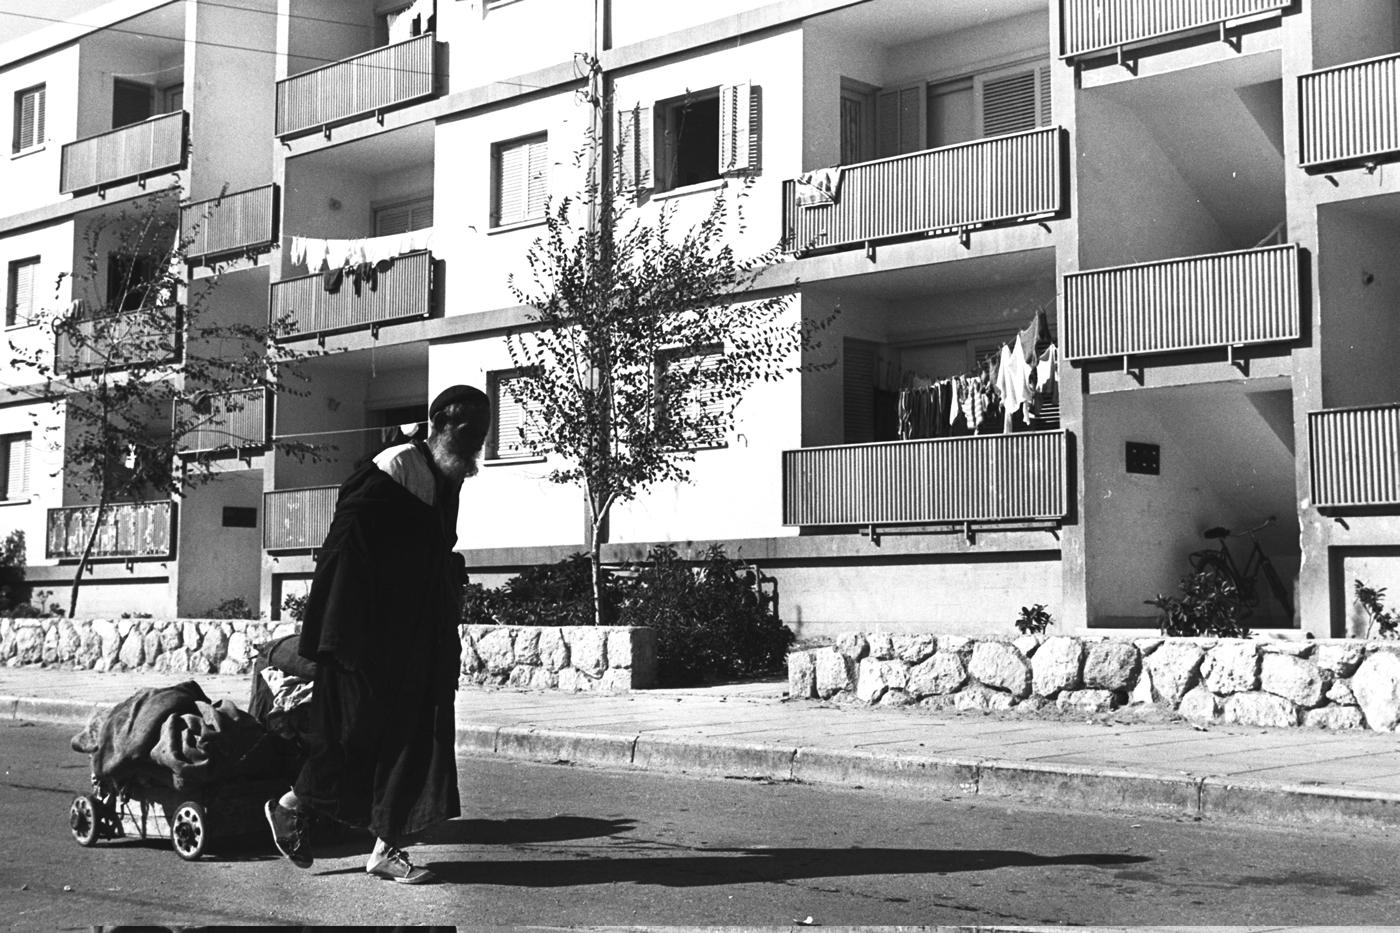 התכנון האזורי נשען על דגמים שלא התאימו לישראל ועיירות רבות נהפכו לאזורי עוני. עולה ממרוקו בשדרות, 1956